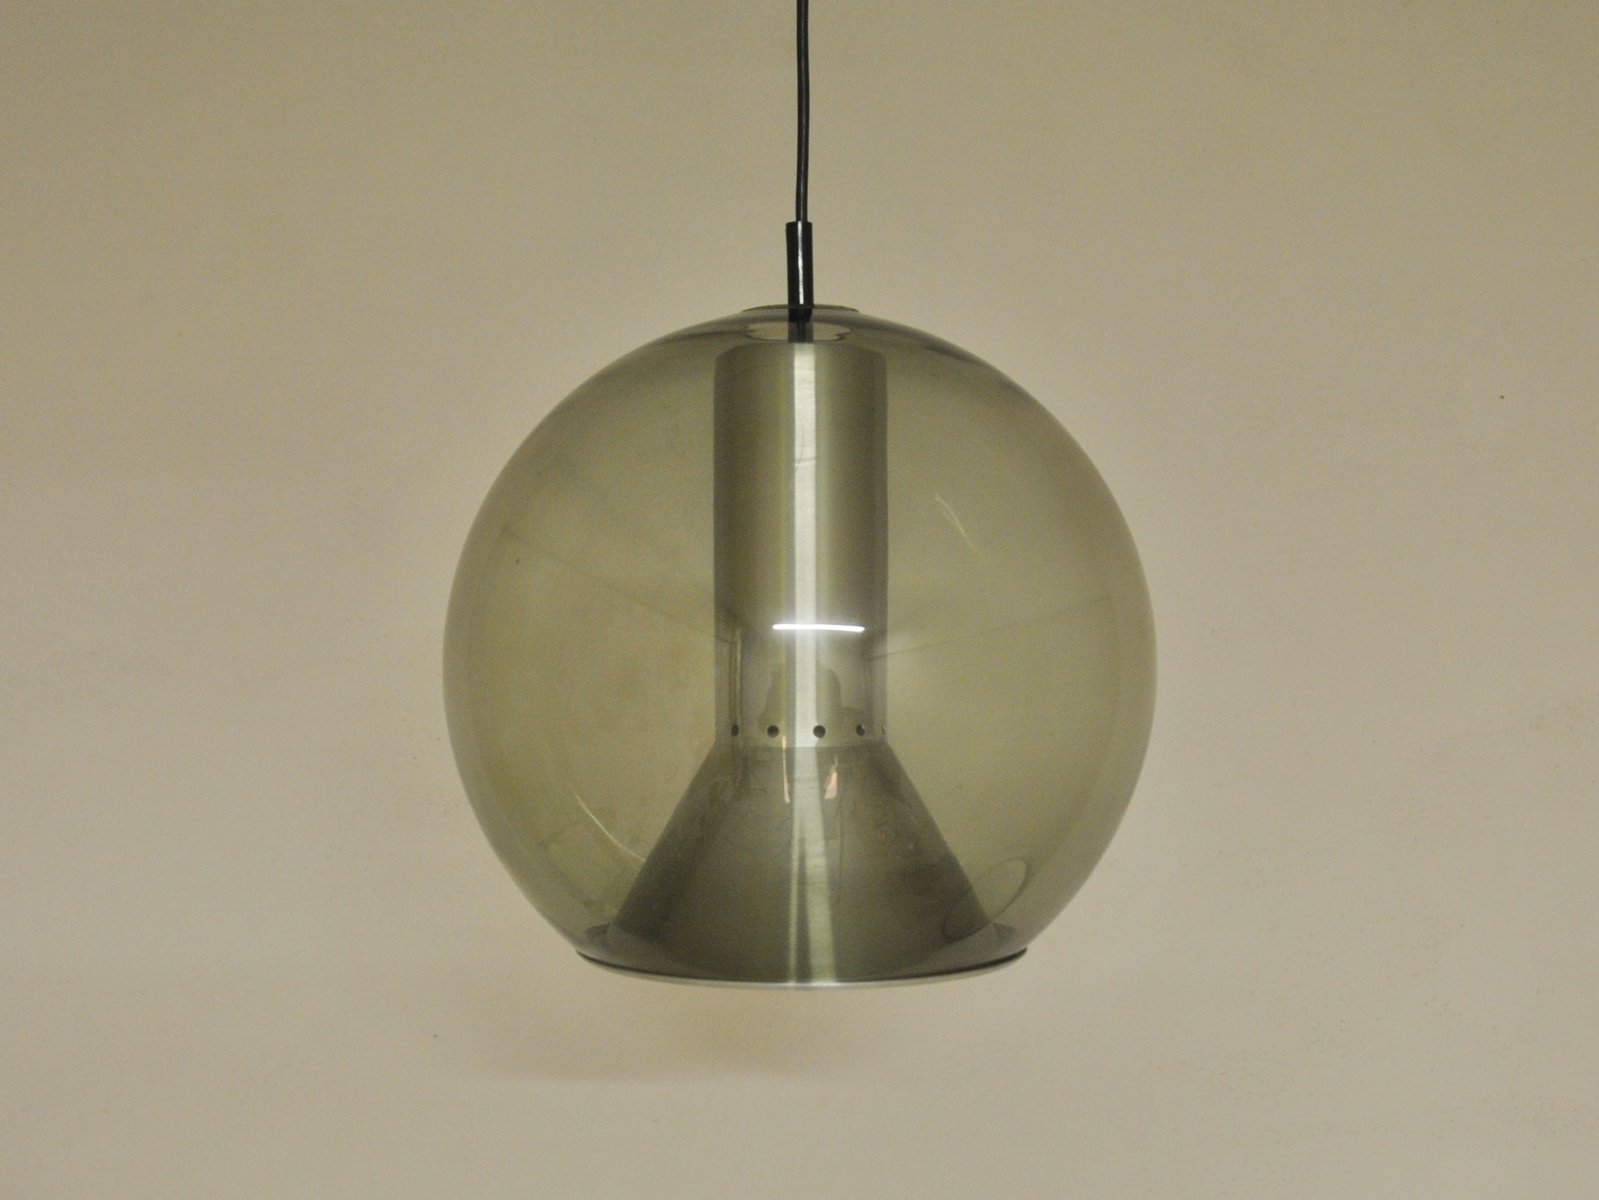 Large Globe Pendant Lamp By Frank Ligtelijn For Raak For